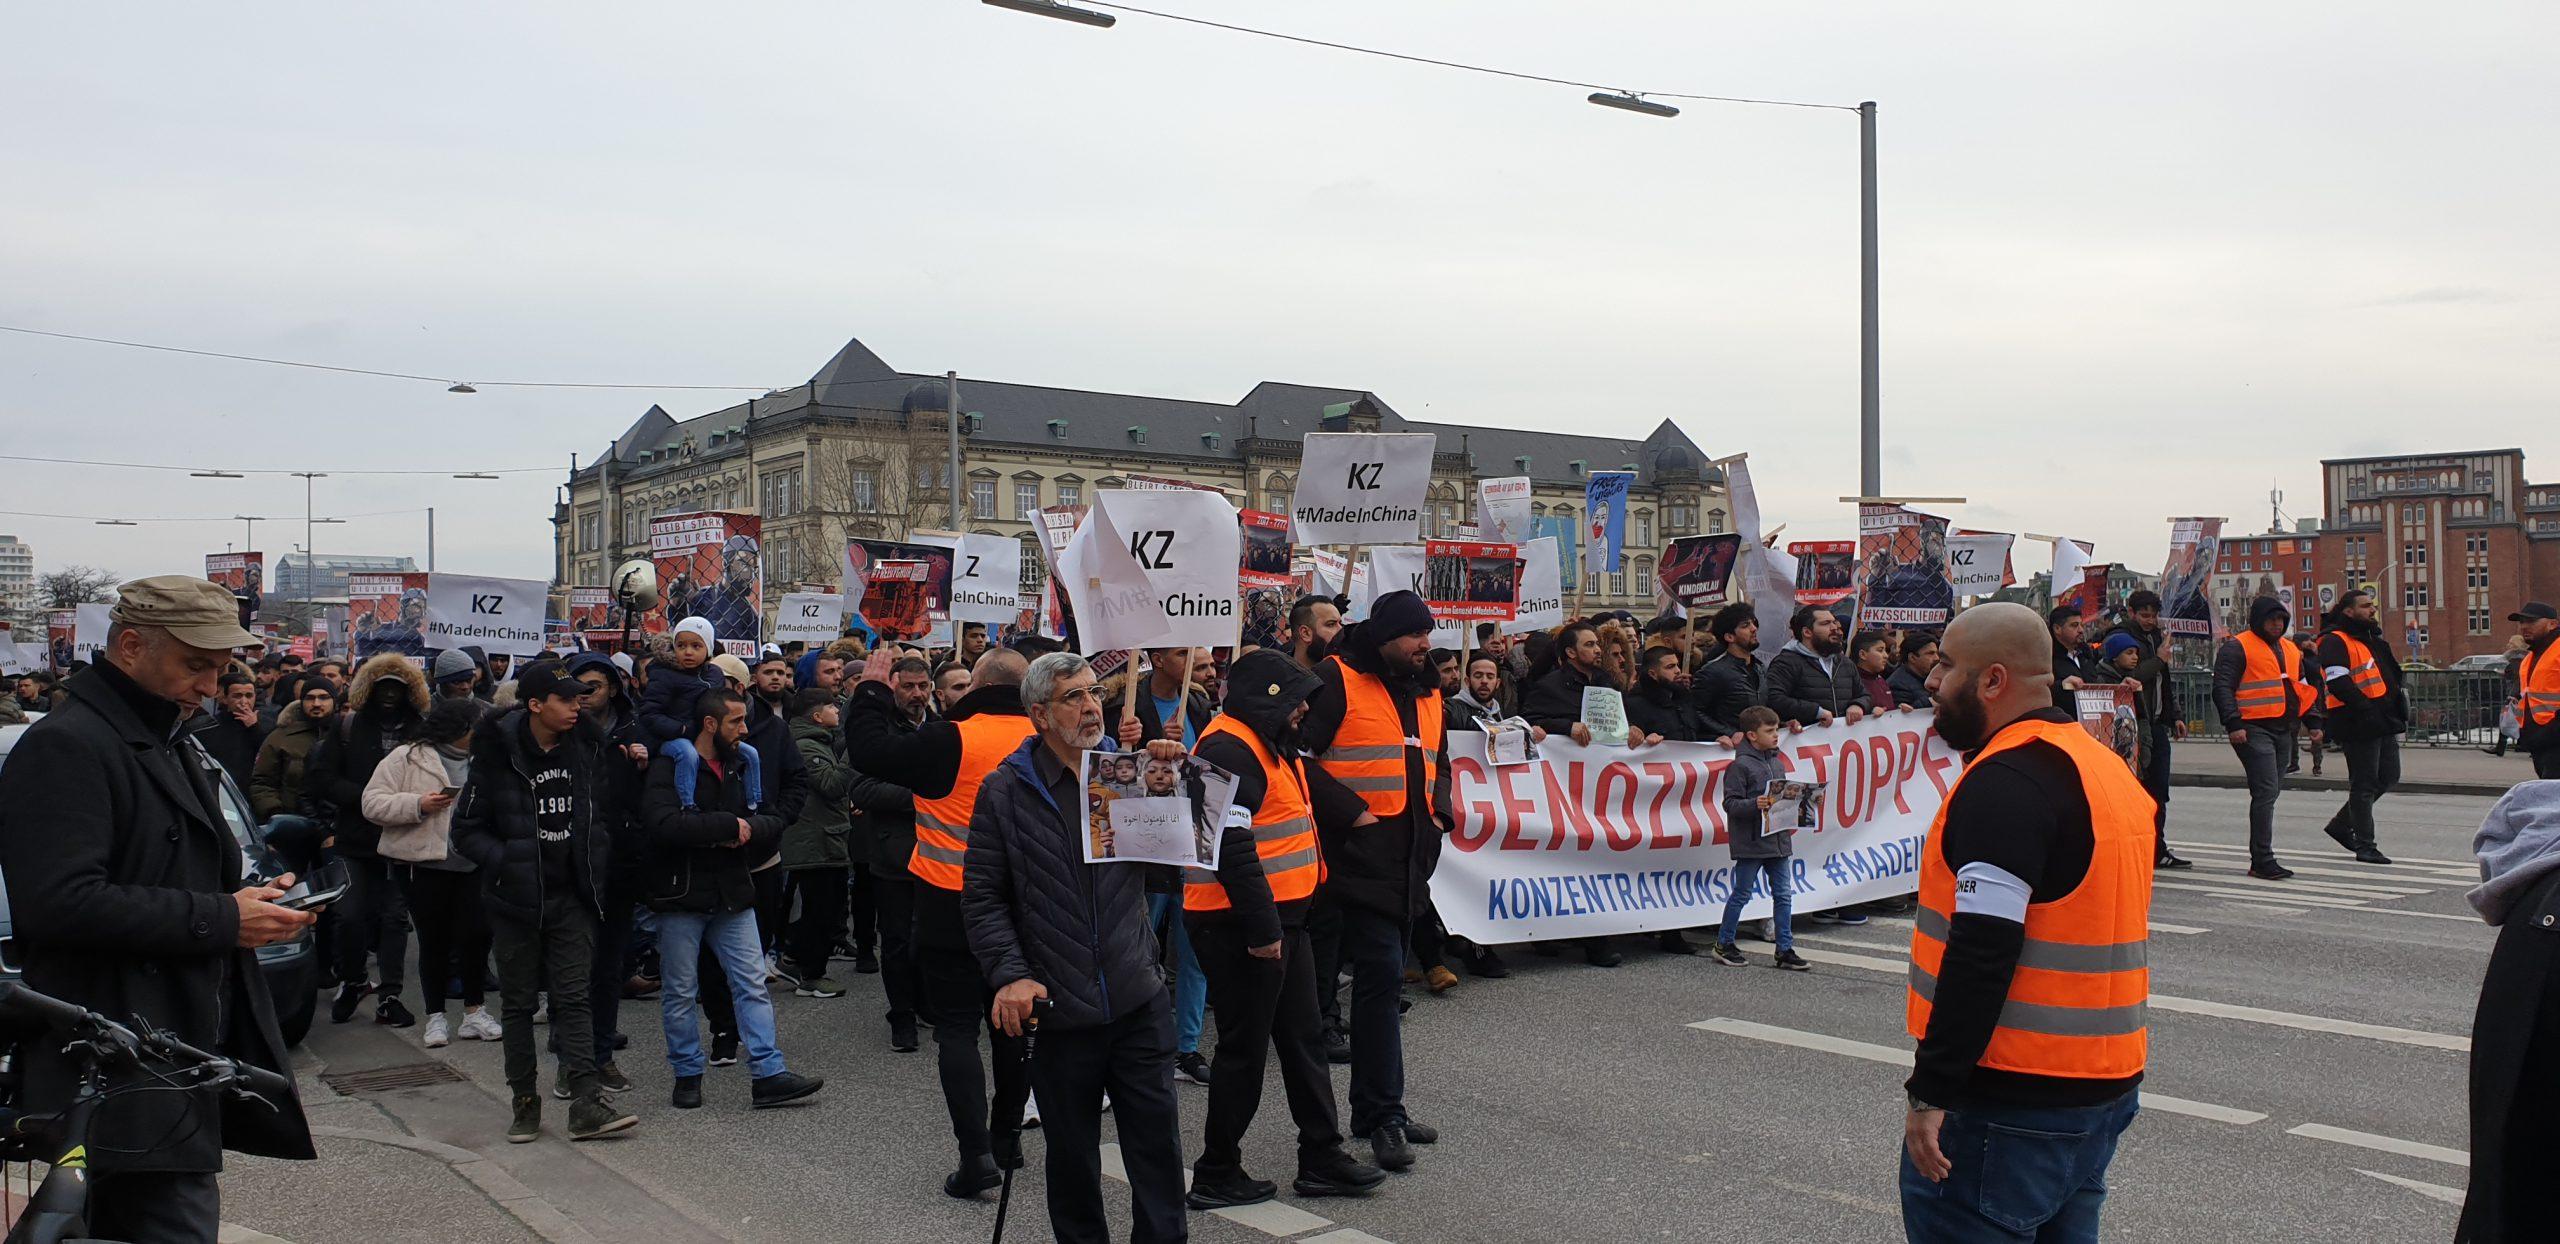 الجالية المسلمة في هامبورغ تتظاهر من أجل مسلمي الأويغور